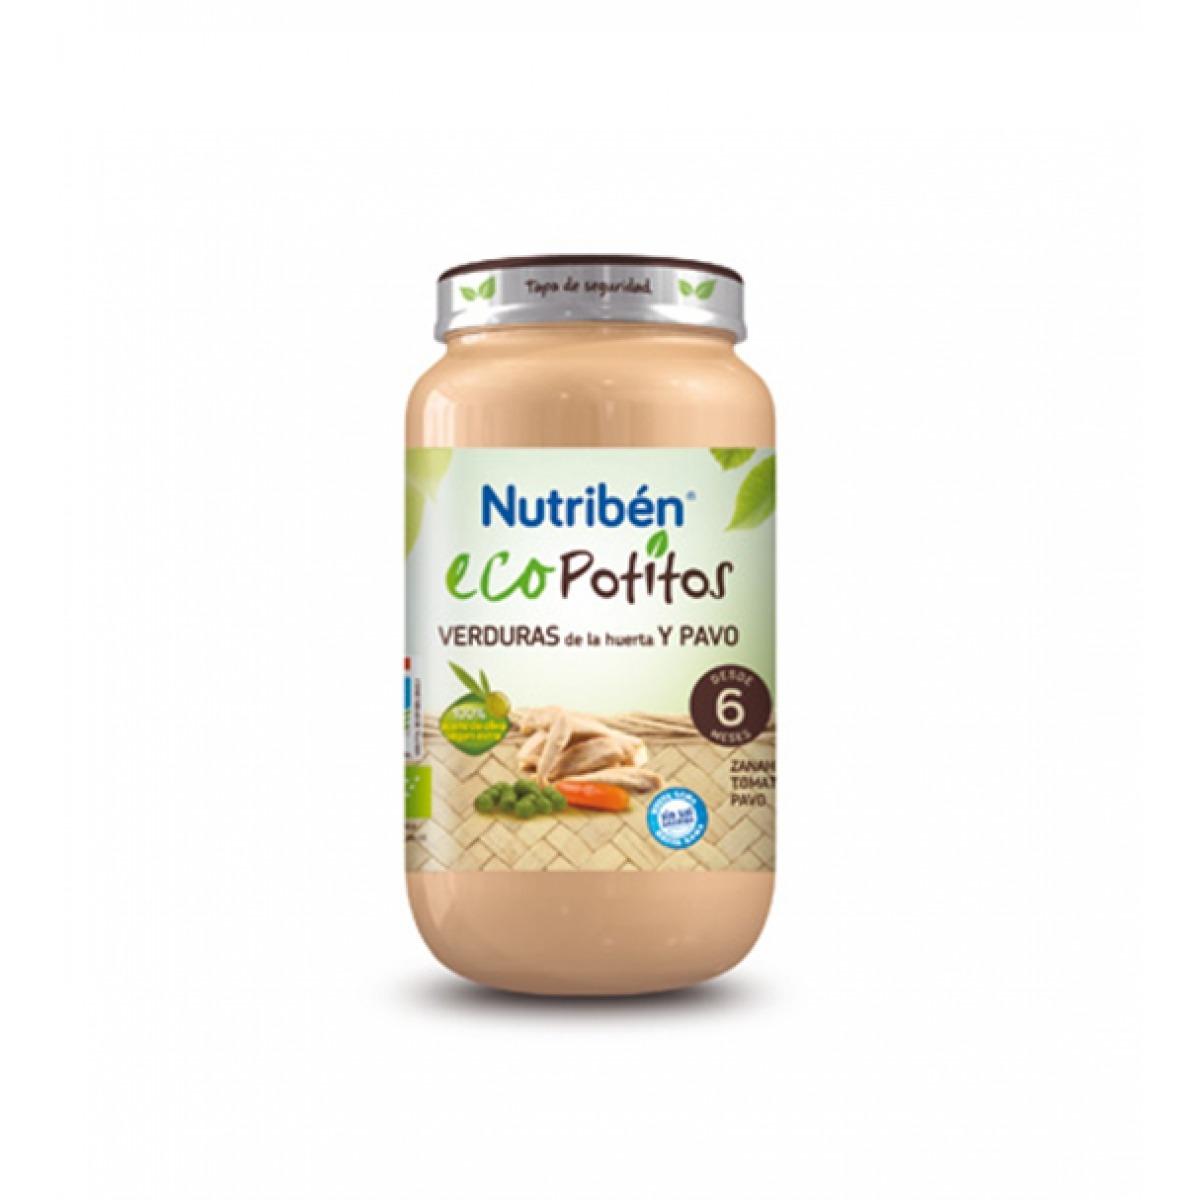 NUTRIBEN ECOPOTITOS VERDURAS DE LA HUERTA Y PAVO 250 G.